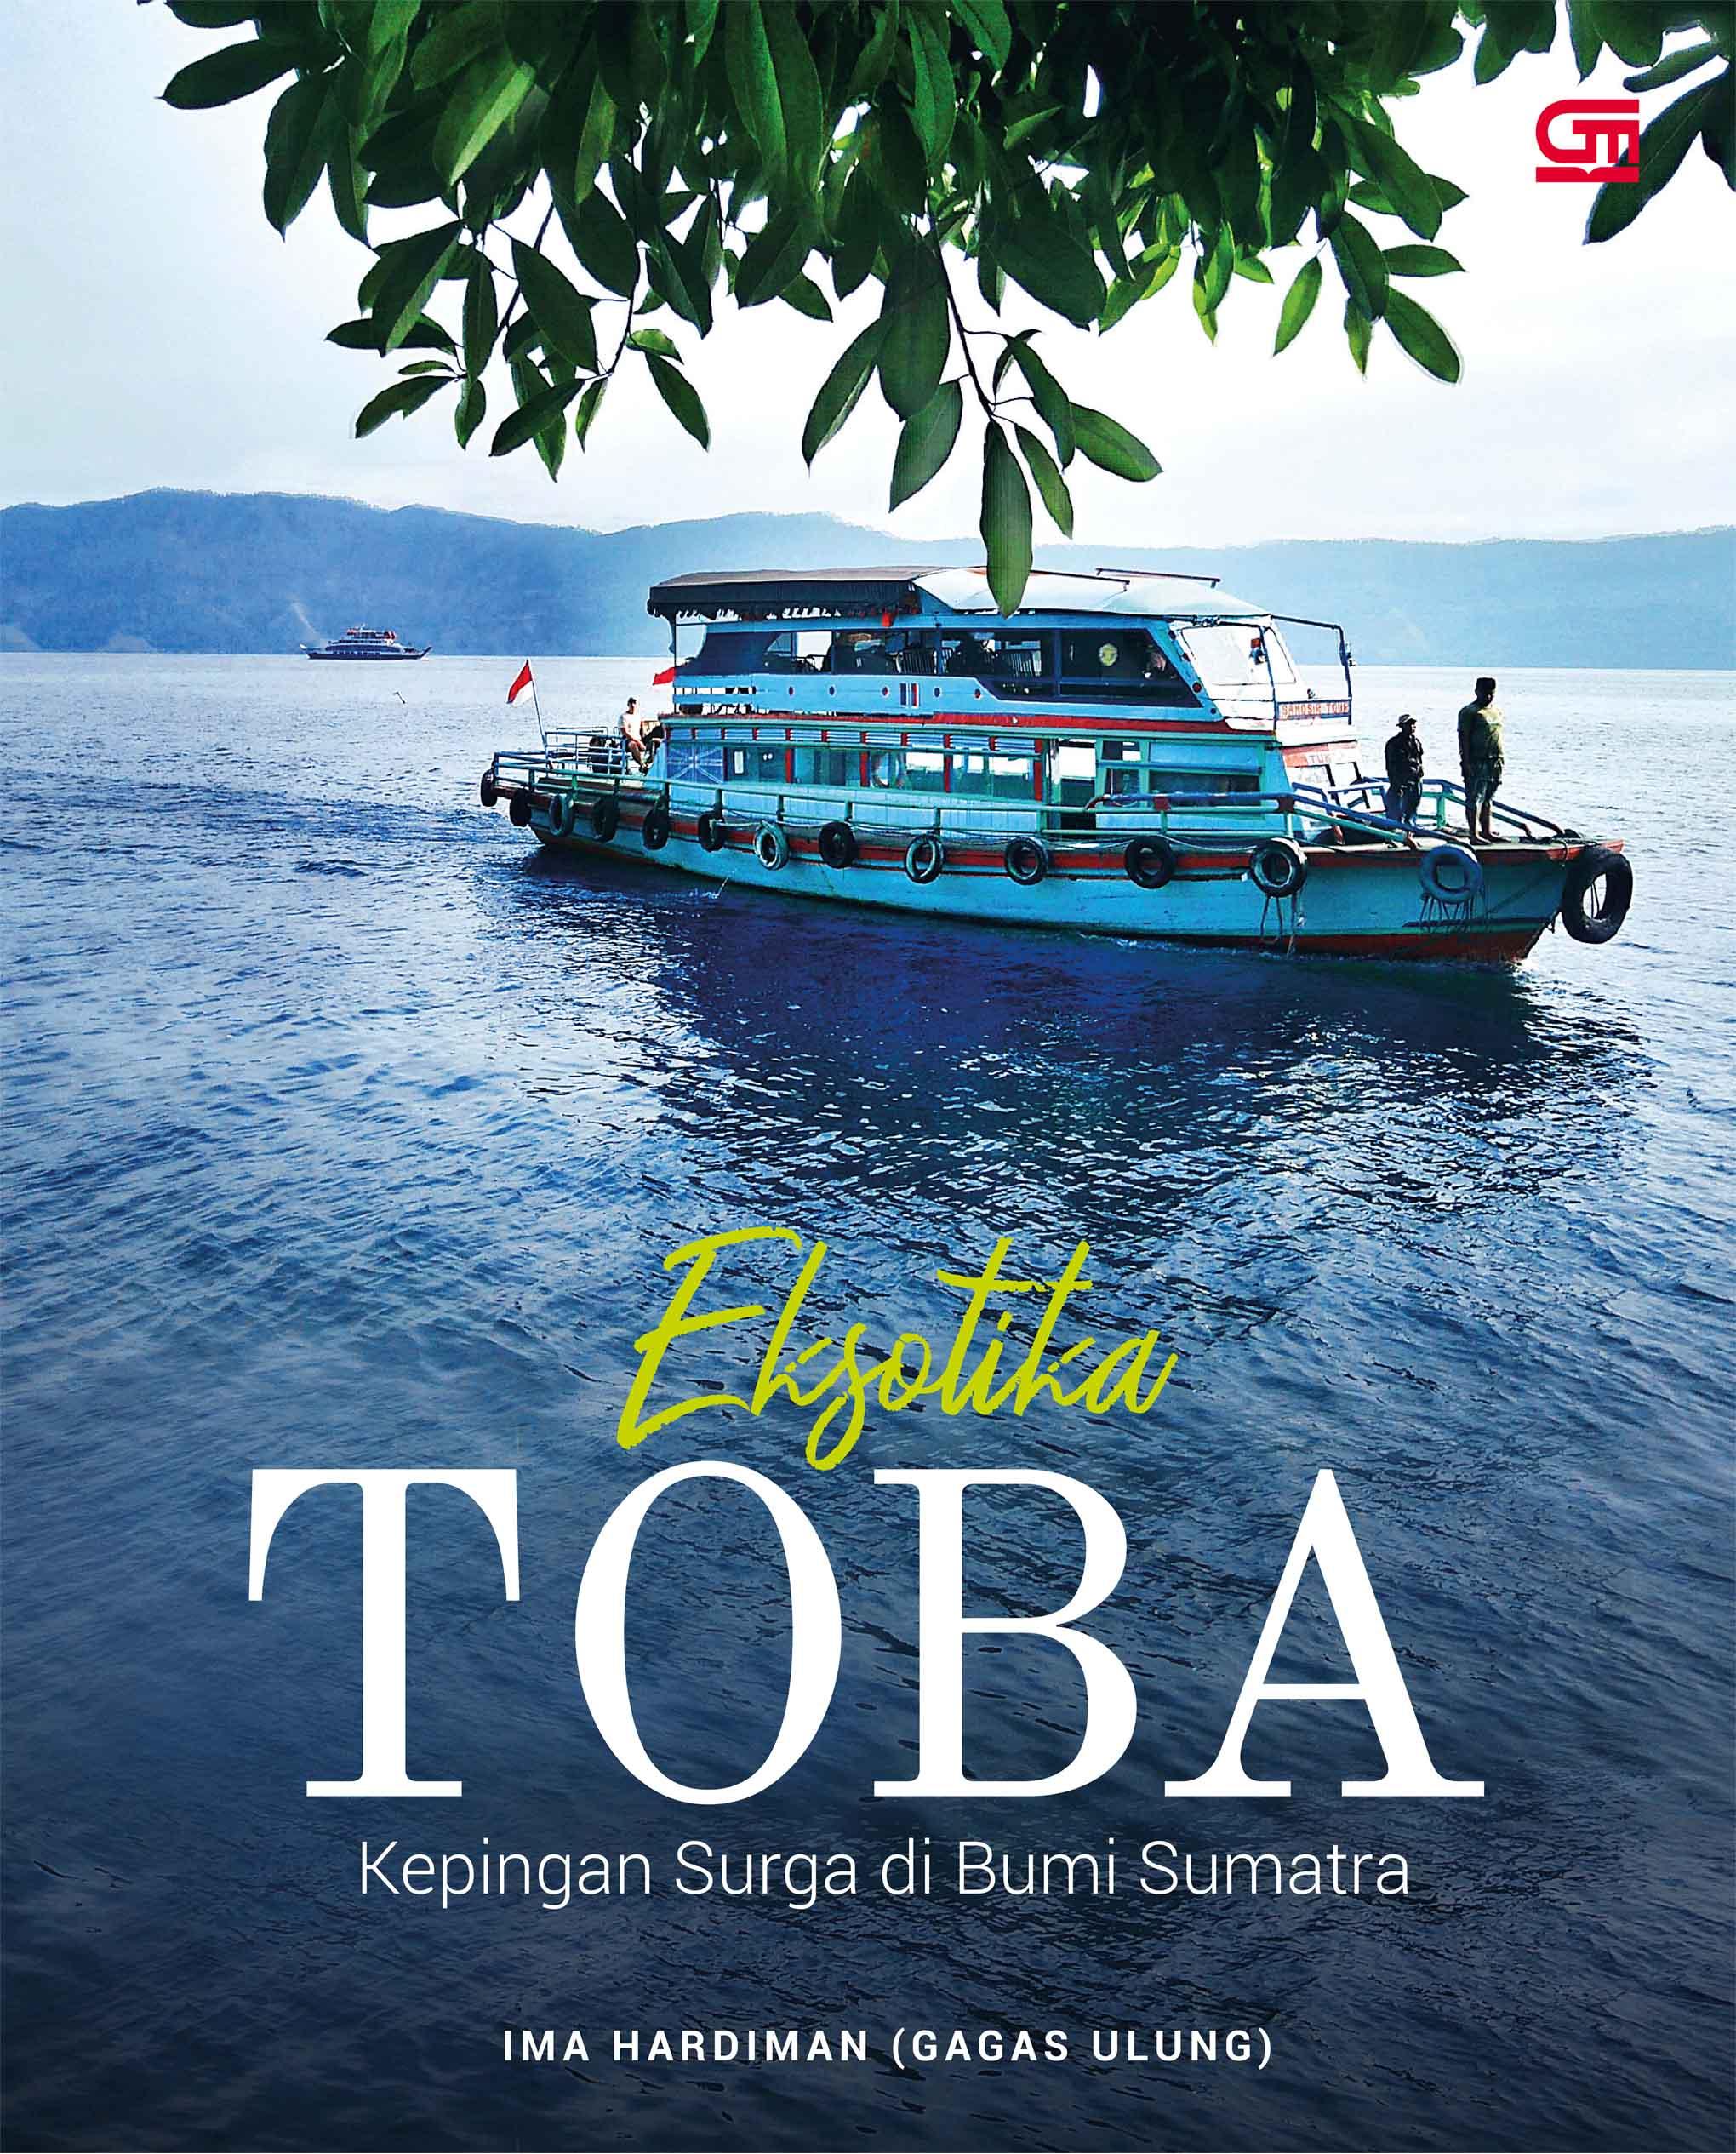 Eksotika Toba - Kepingan Surga di Bumi Sumatra